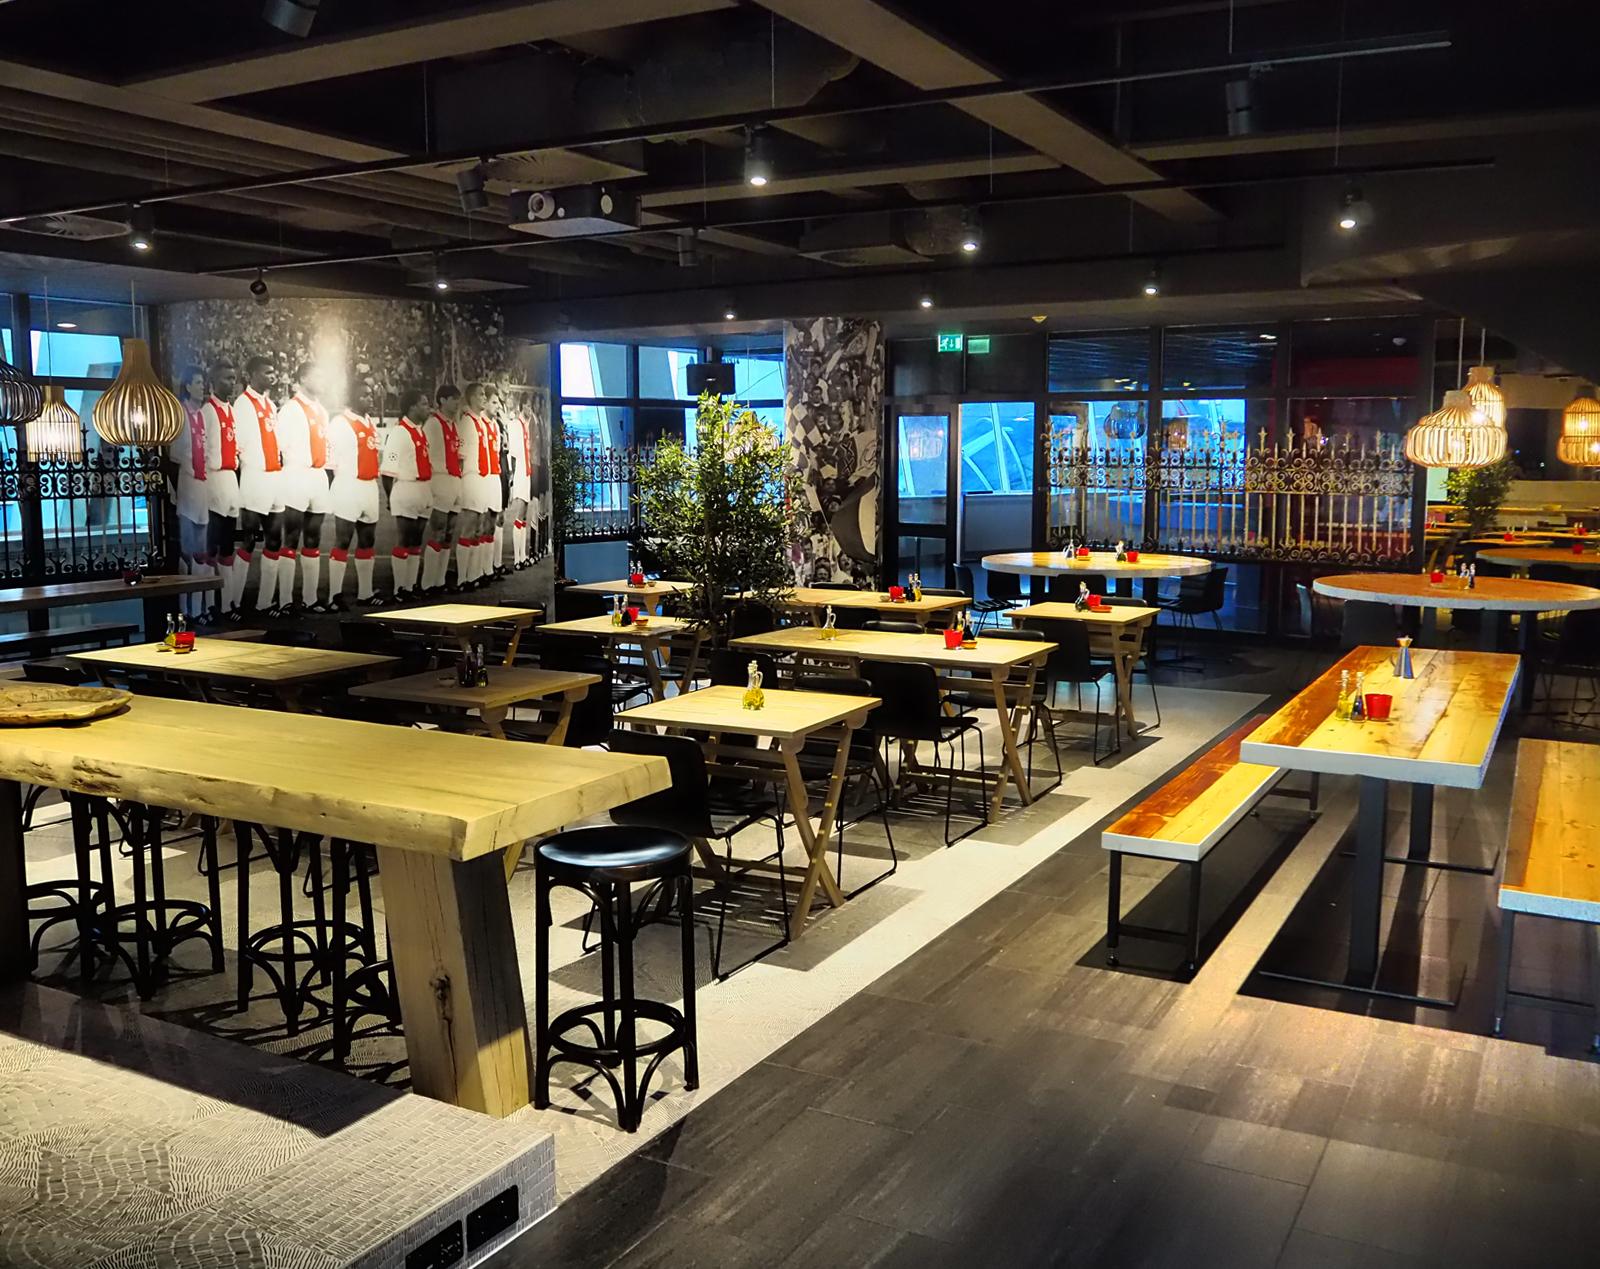 Skybox Ajax Amsterdam Arena Rome 96 restaurant Jeroen de Nijs